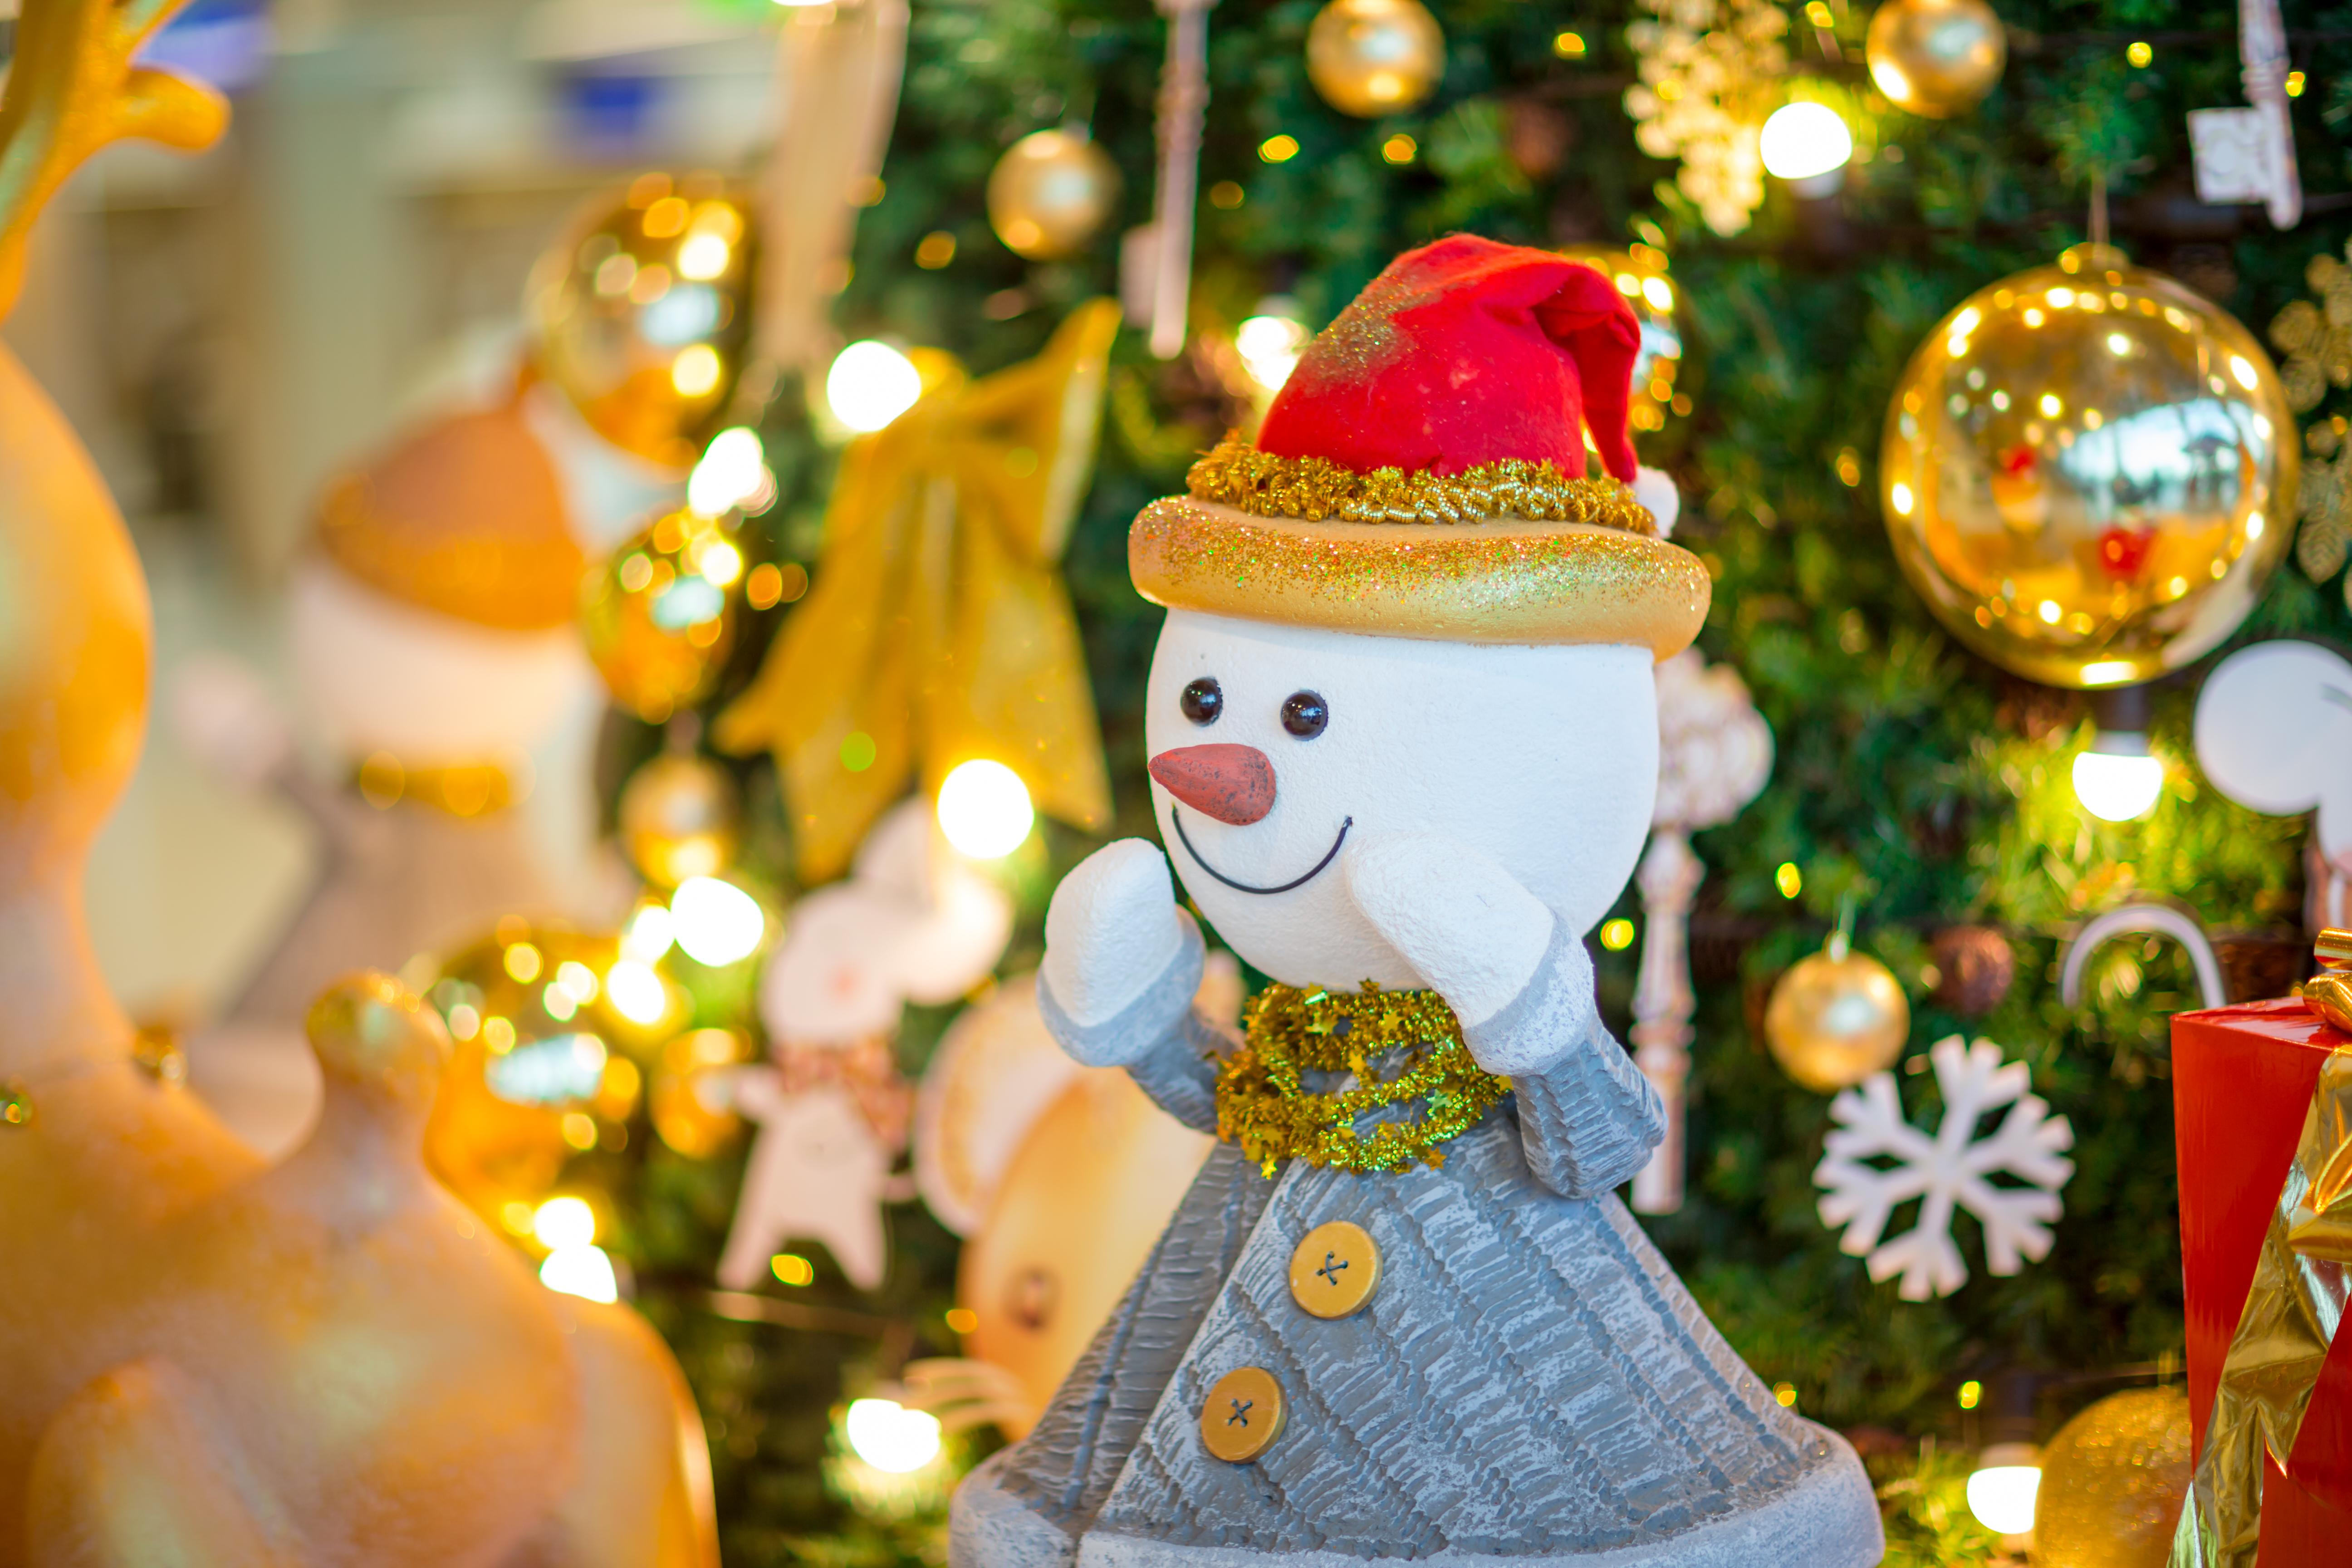 Decor de basm la Aeroportul Internațional Chișinău cu ocazia sărbătorilor de iarnă